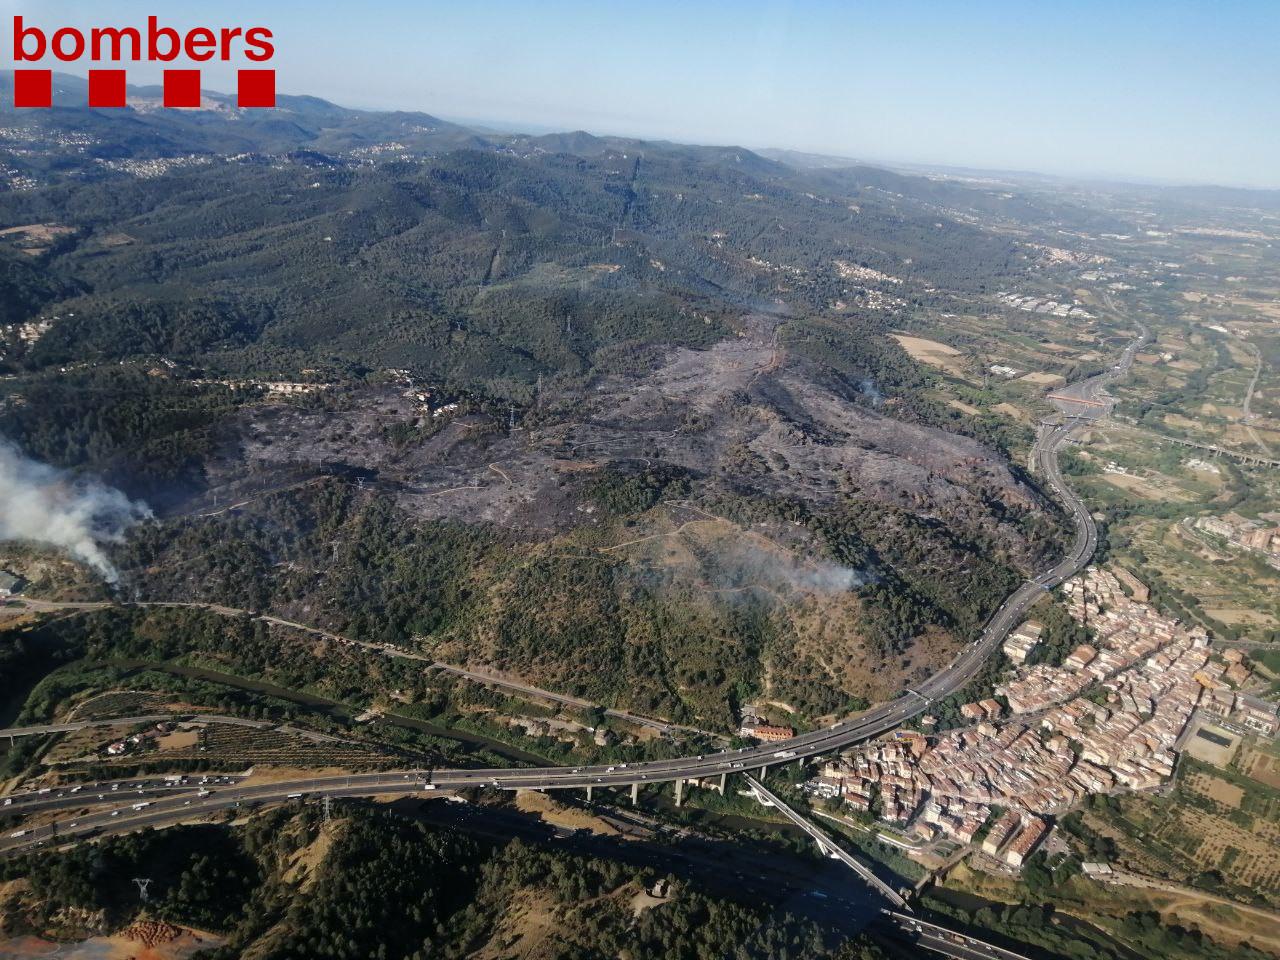 L'Ajuntament de Sant Andreu de la Barca presta suport als afectats per l'incendi de Castellví de Rosanes